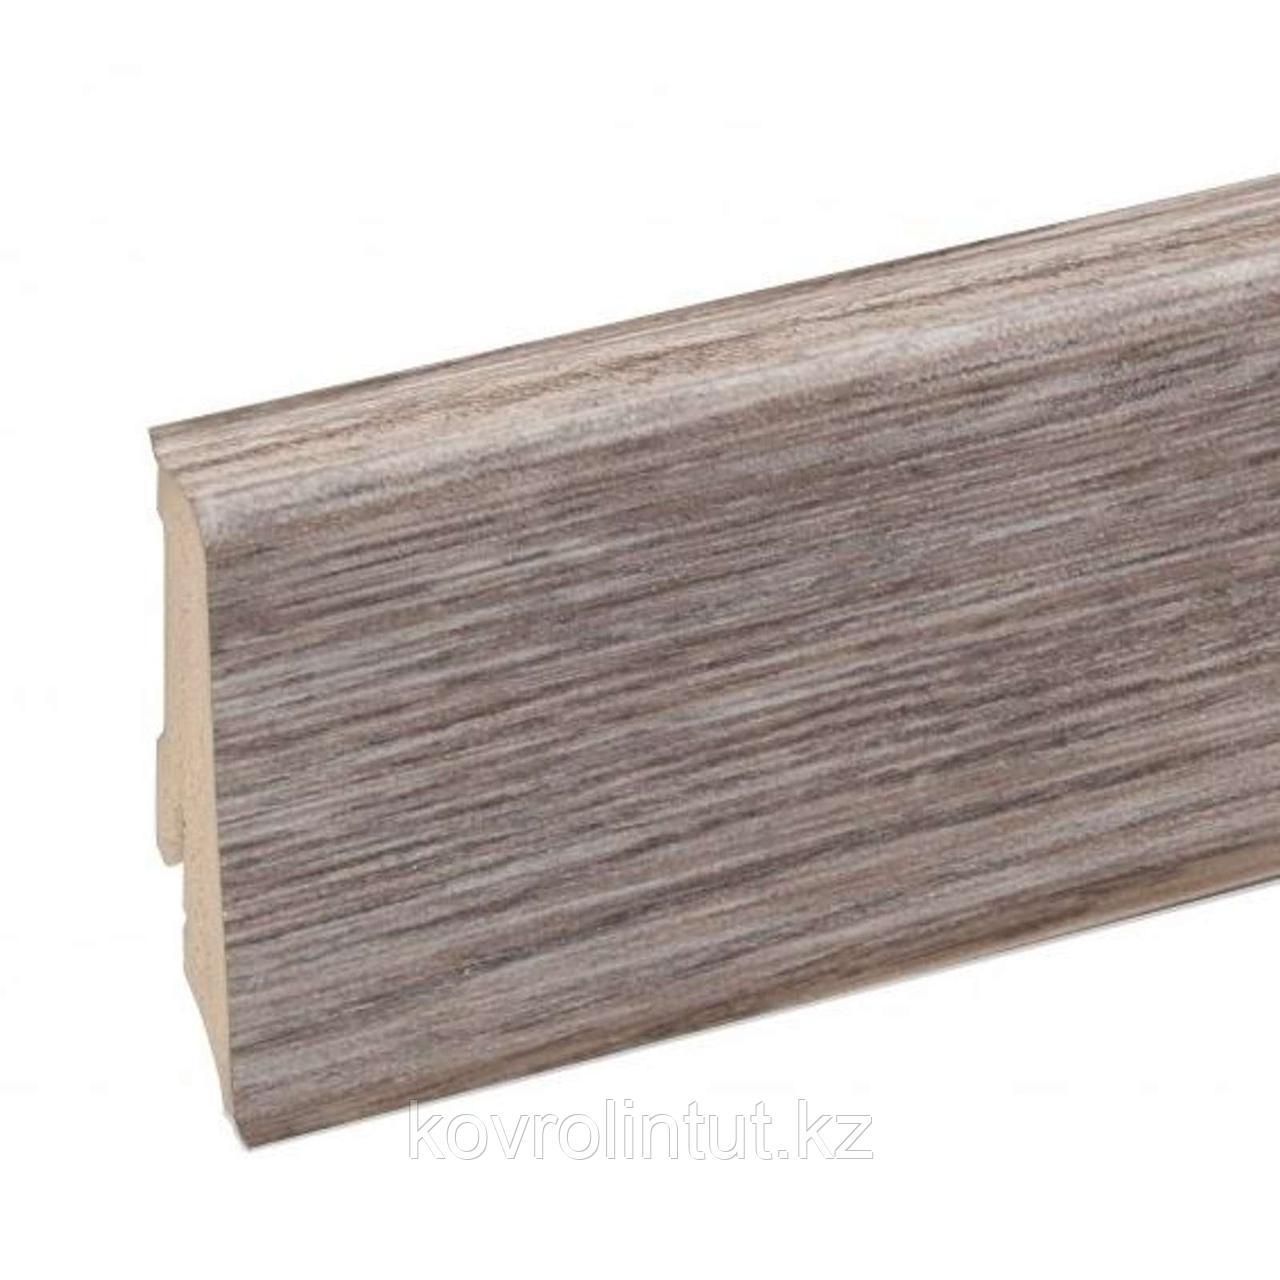 Плинтус композитный для LVT Neuhofer Holz, K0210L, 714460, 2400х59х17 мм